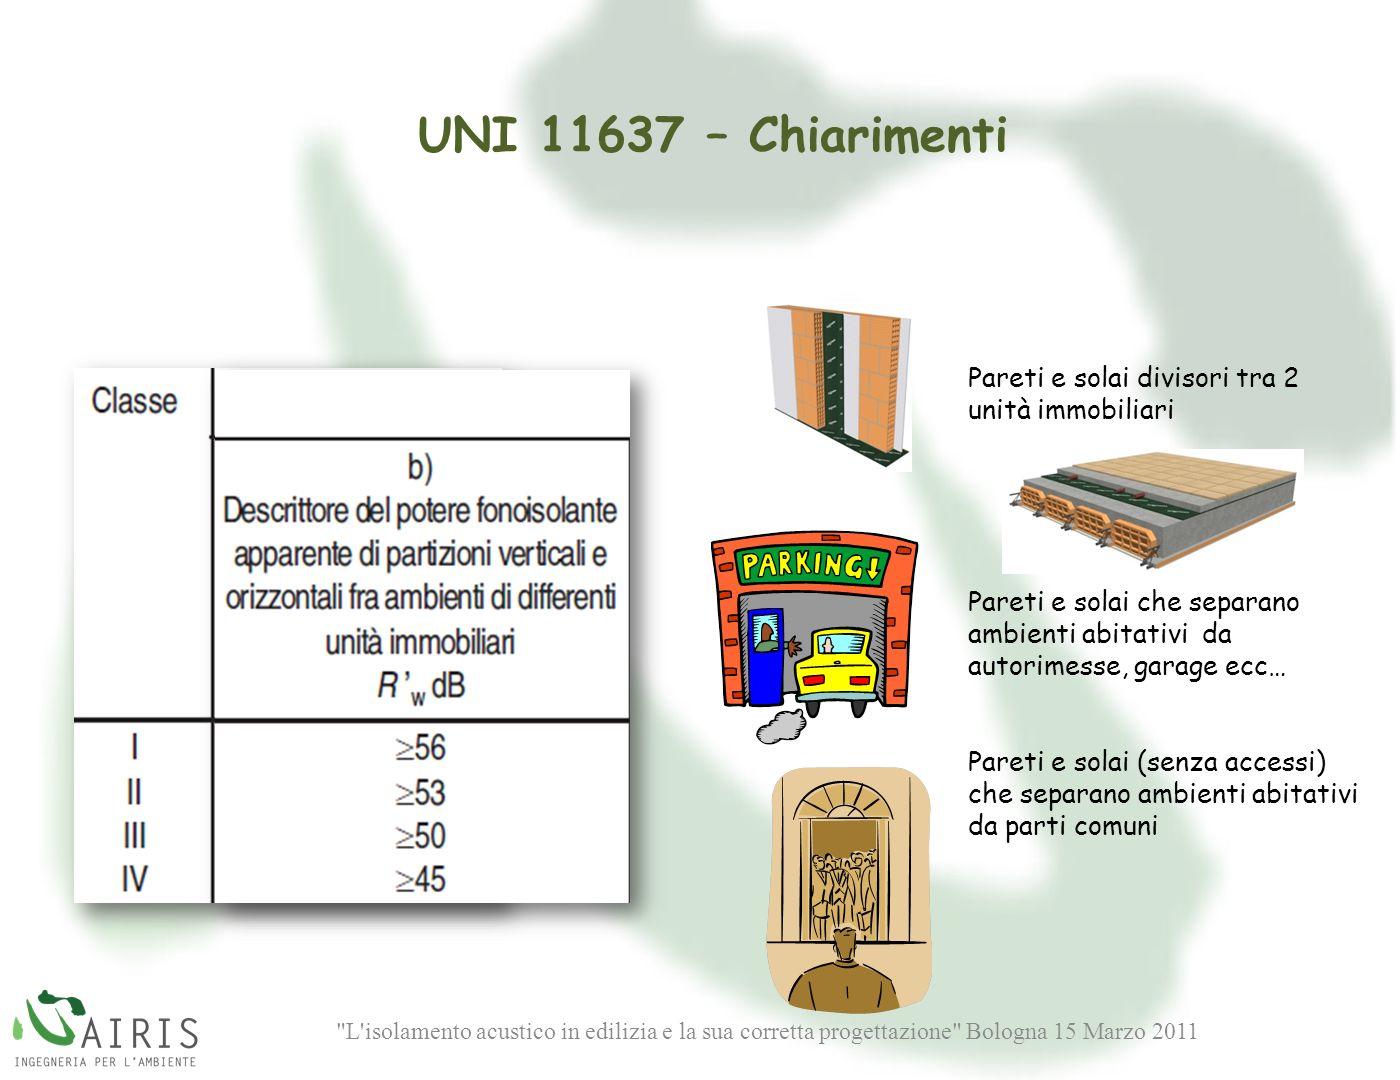 UNI 11637 – Chiarimenti Pareti e solai divisori tra 2 unità immobiliari. Pareti e solai che separano ambienti abitativi da autorimesse, garage ecc…